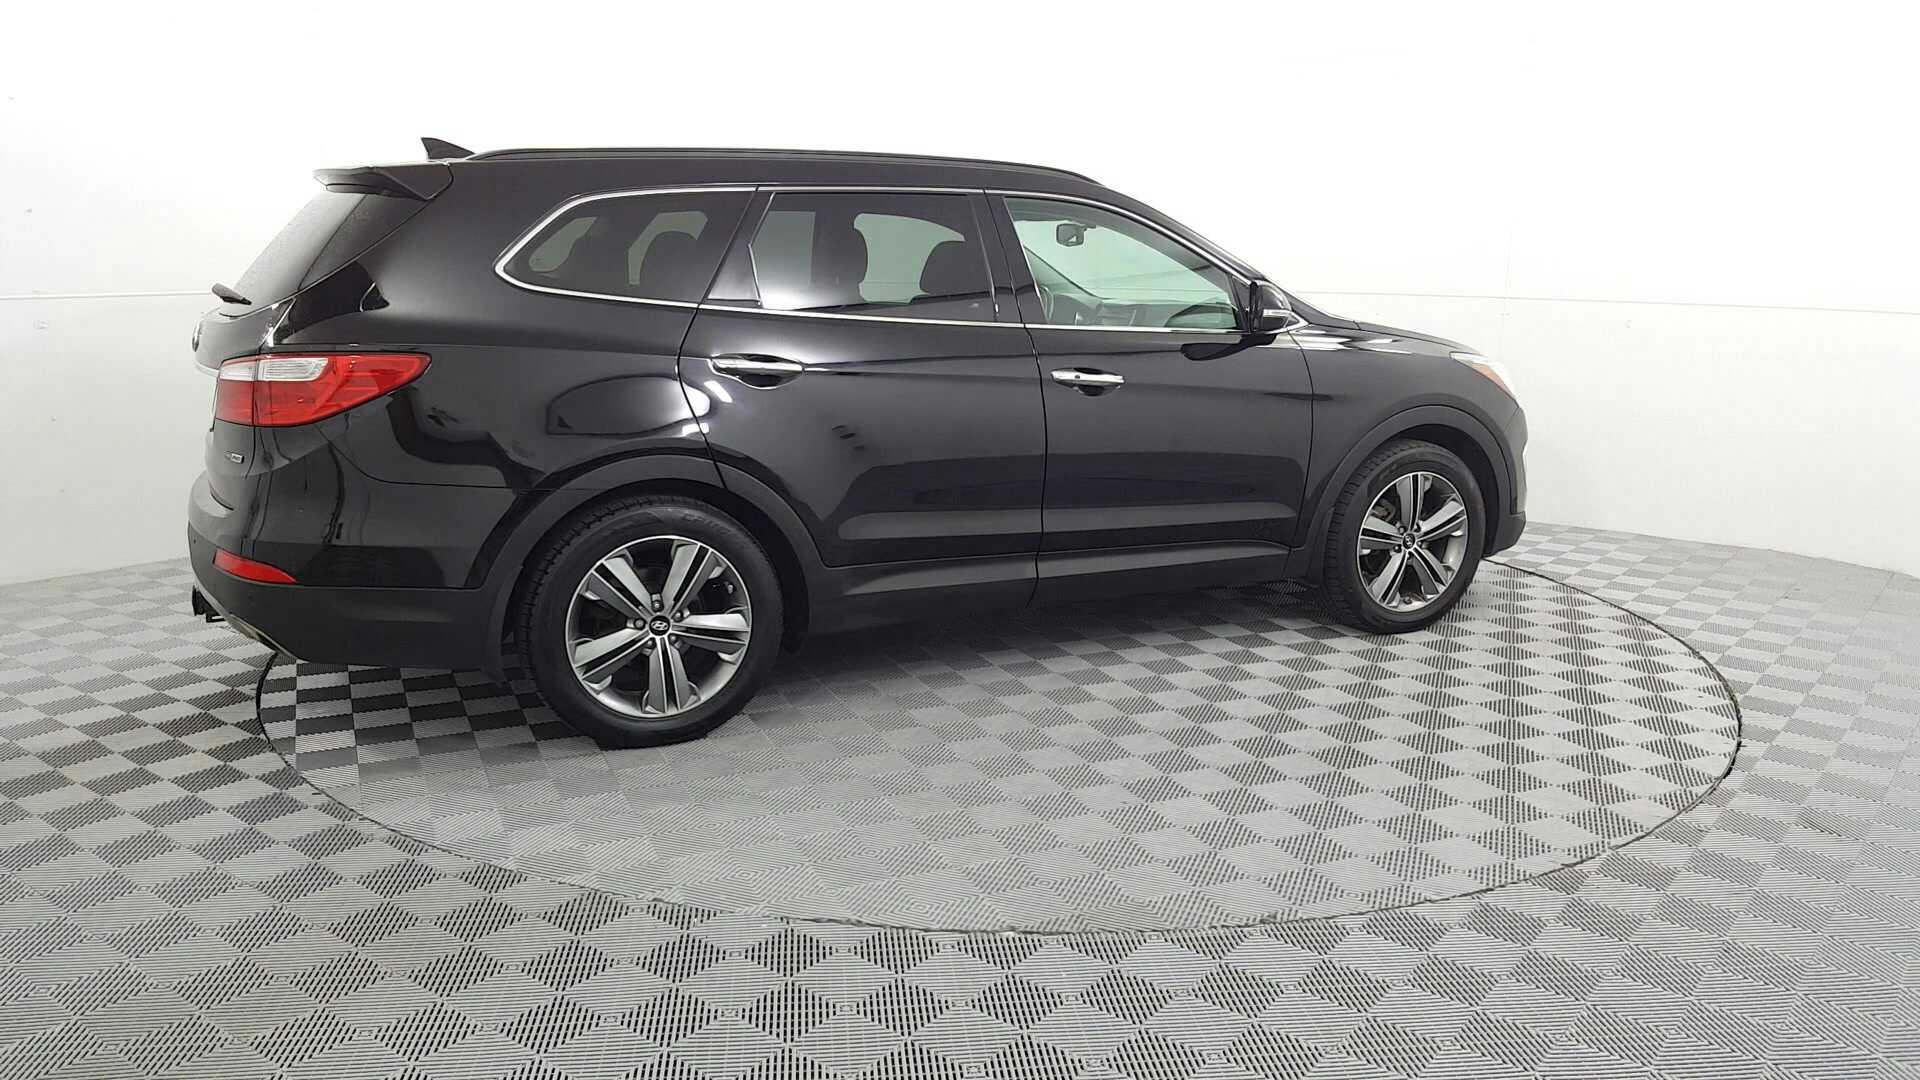 2016 Hyundai Santa Fe >> 2016 Hyundai Santa Fe Limited